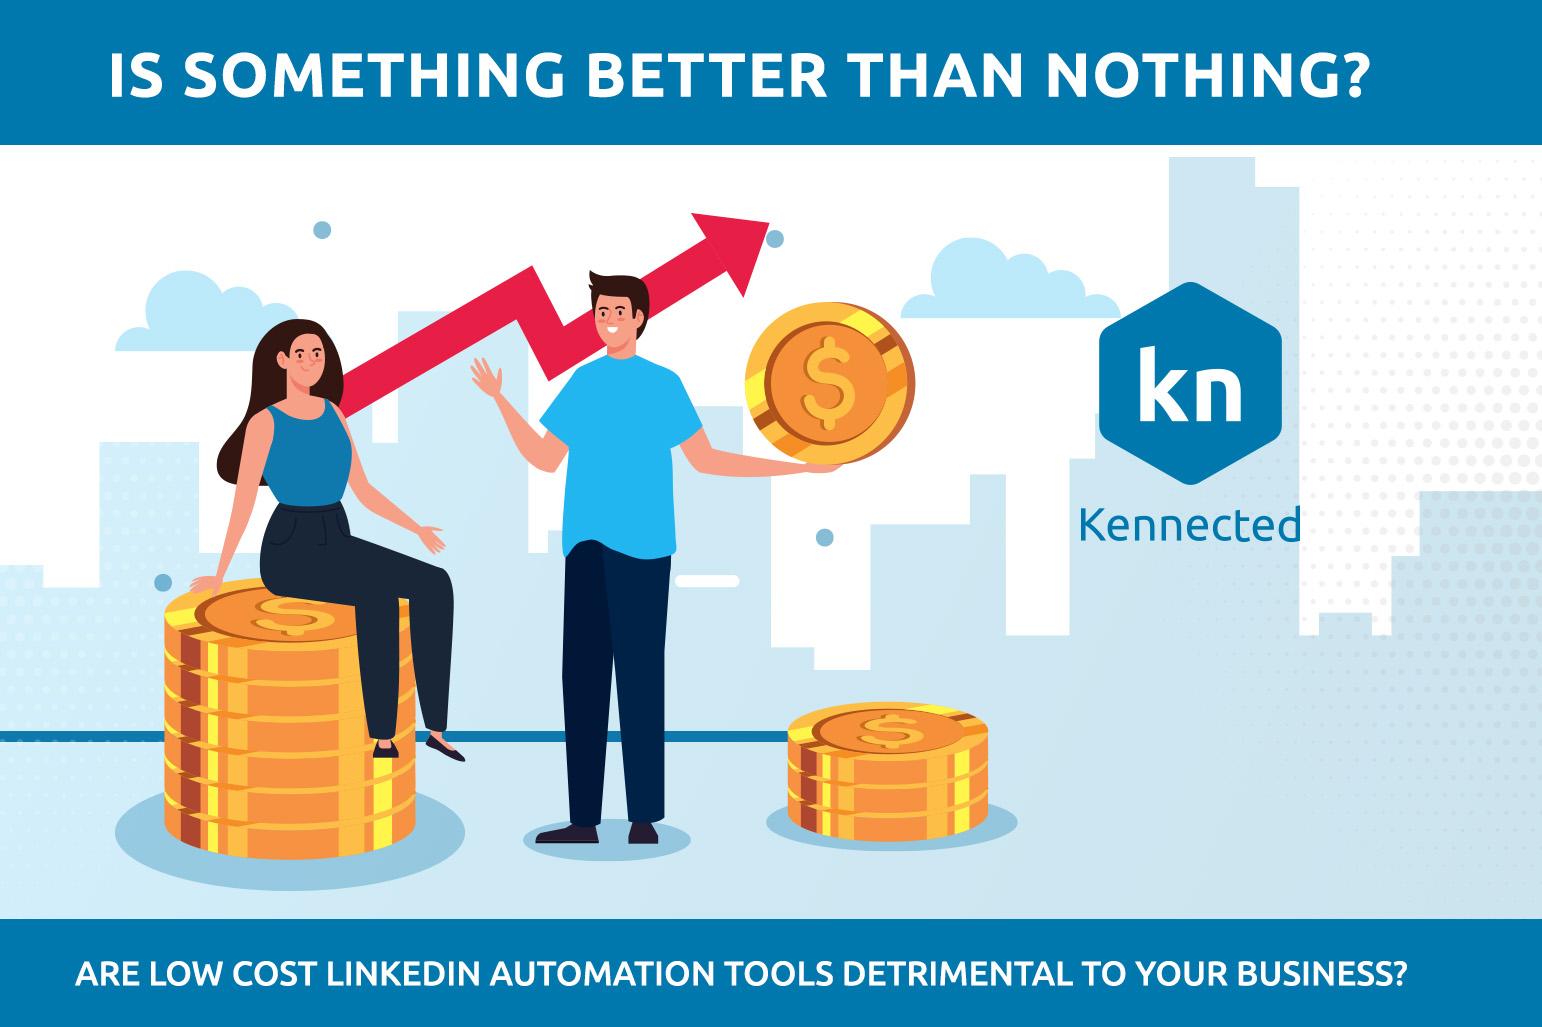 有比无好吗?低成本的LinkedIn自动化工具是否对您的业务不利?